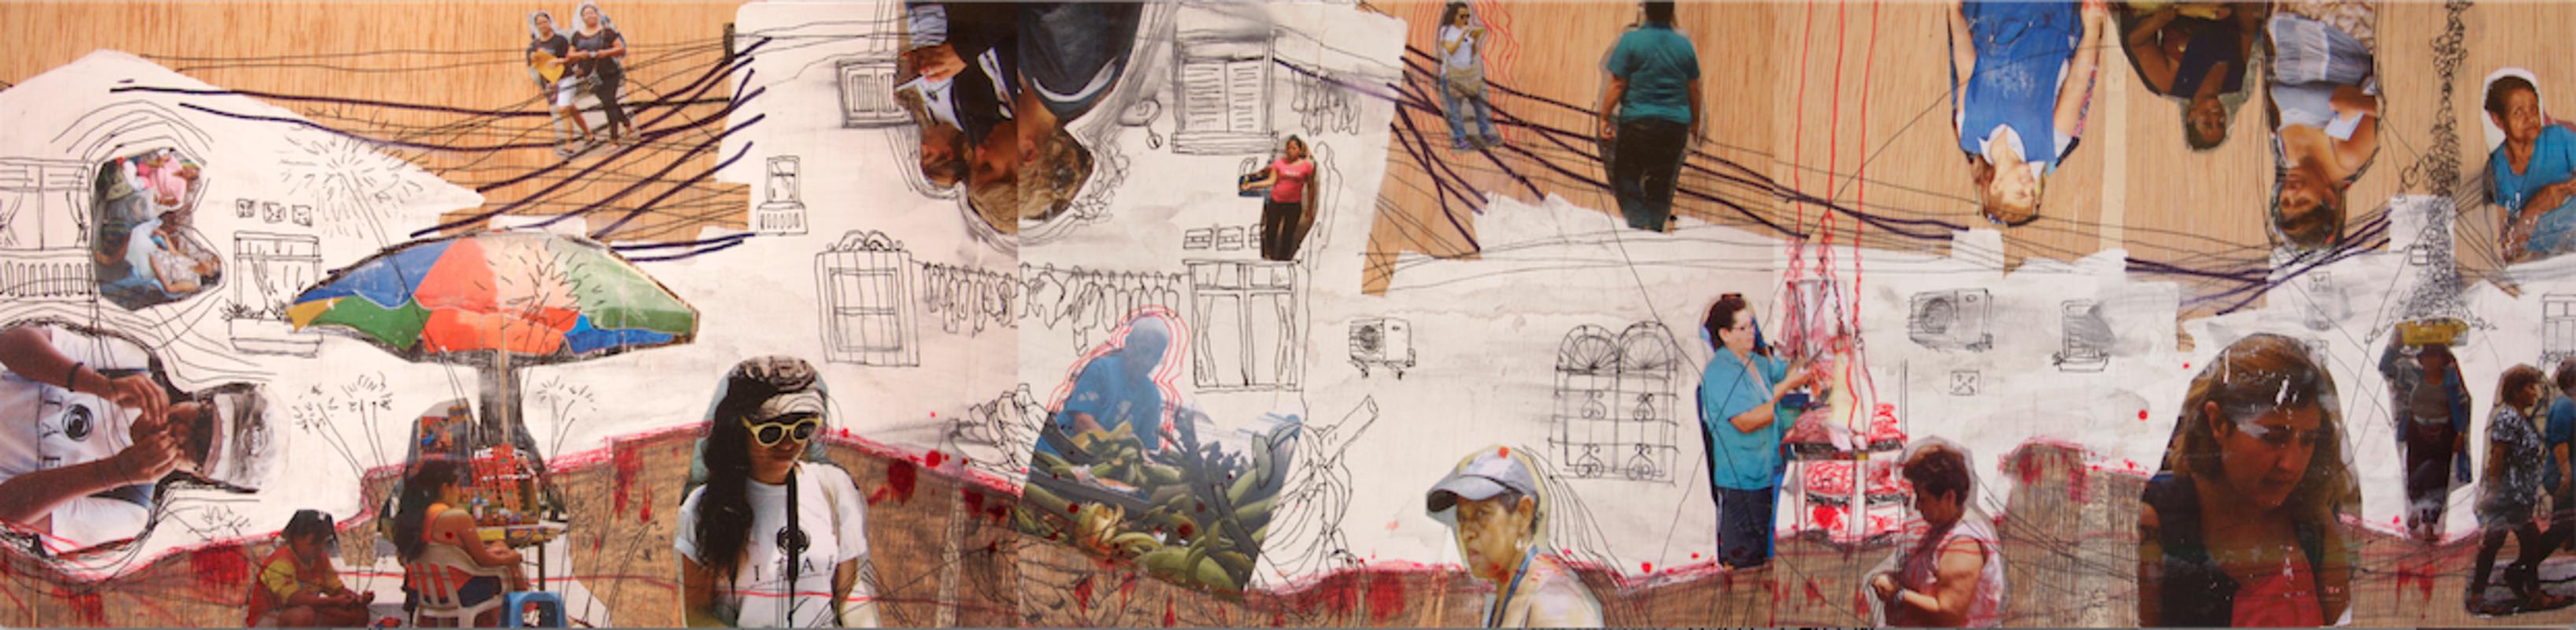 Diana Gardeneira / Mujeres del Barrio Cuba | Gardeneira Diana